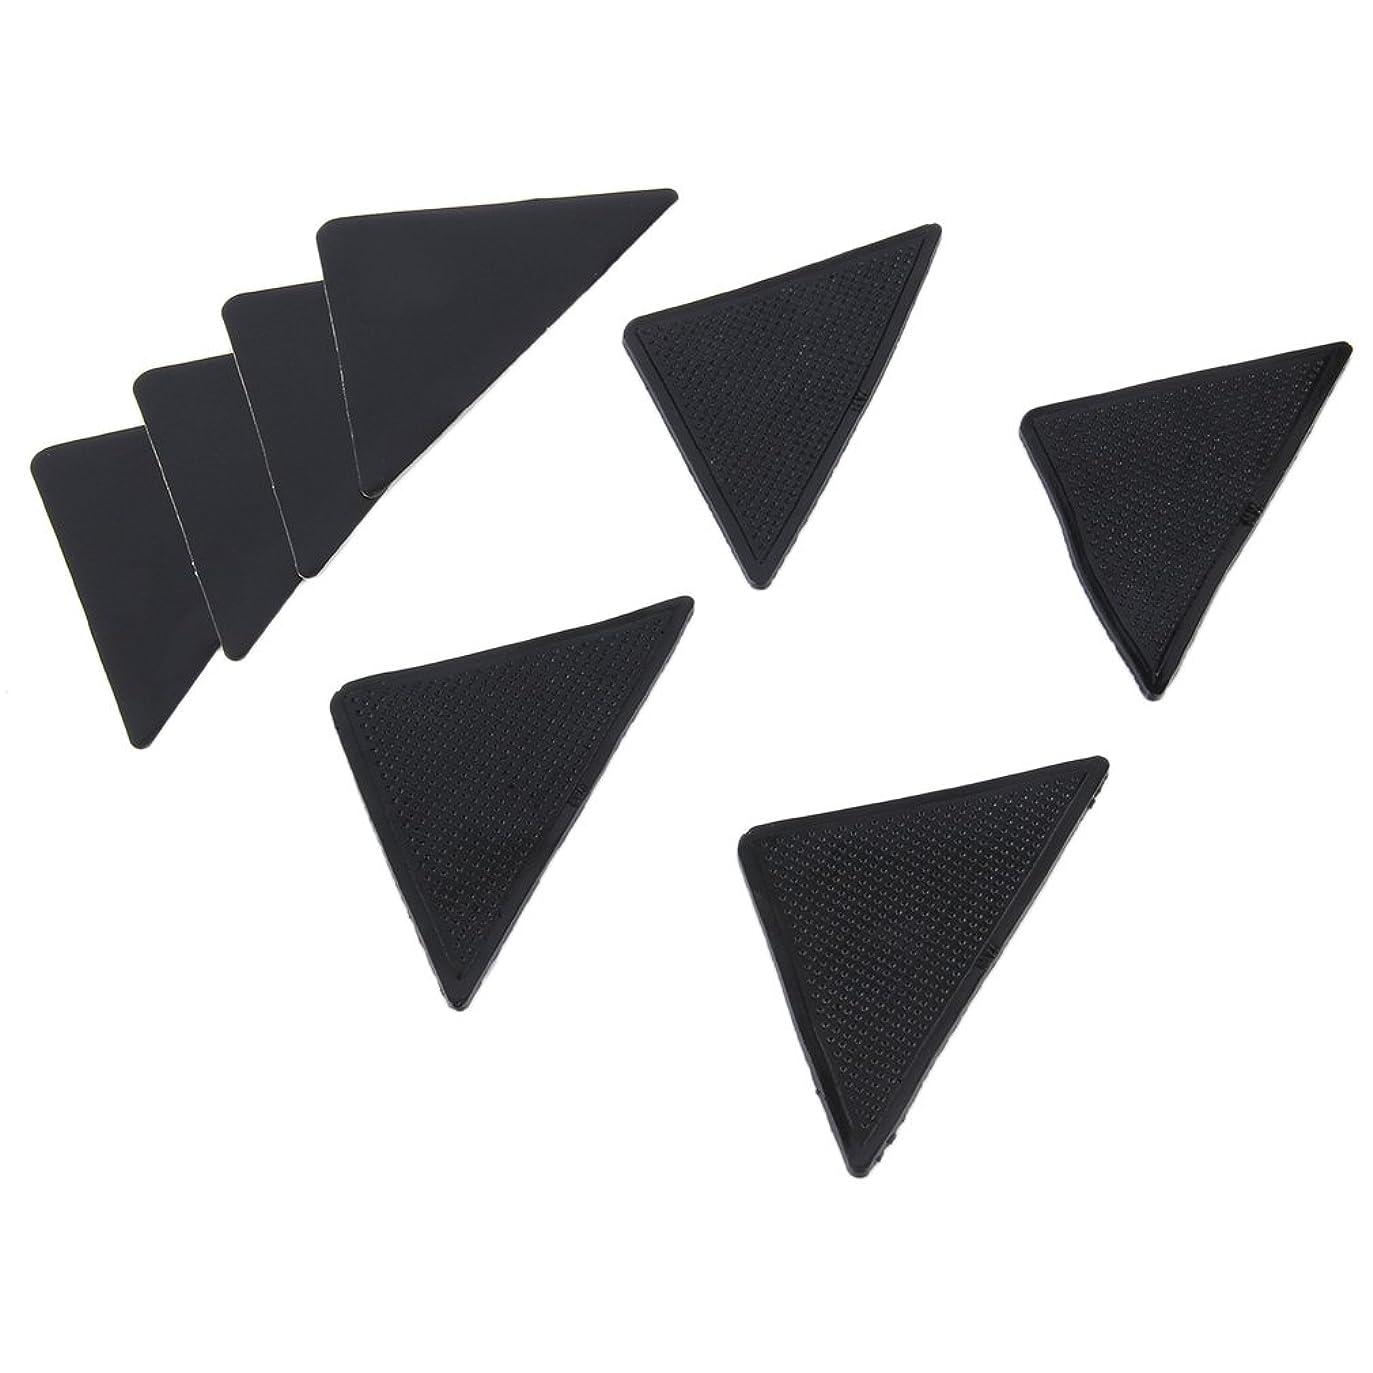 クリスチャン気取らないキャンセル4 pcs Rug Carpet Mat Grippers Non Slip Anti Skid Reusable Silicone Grip Pads